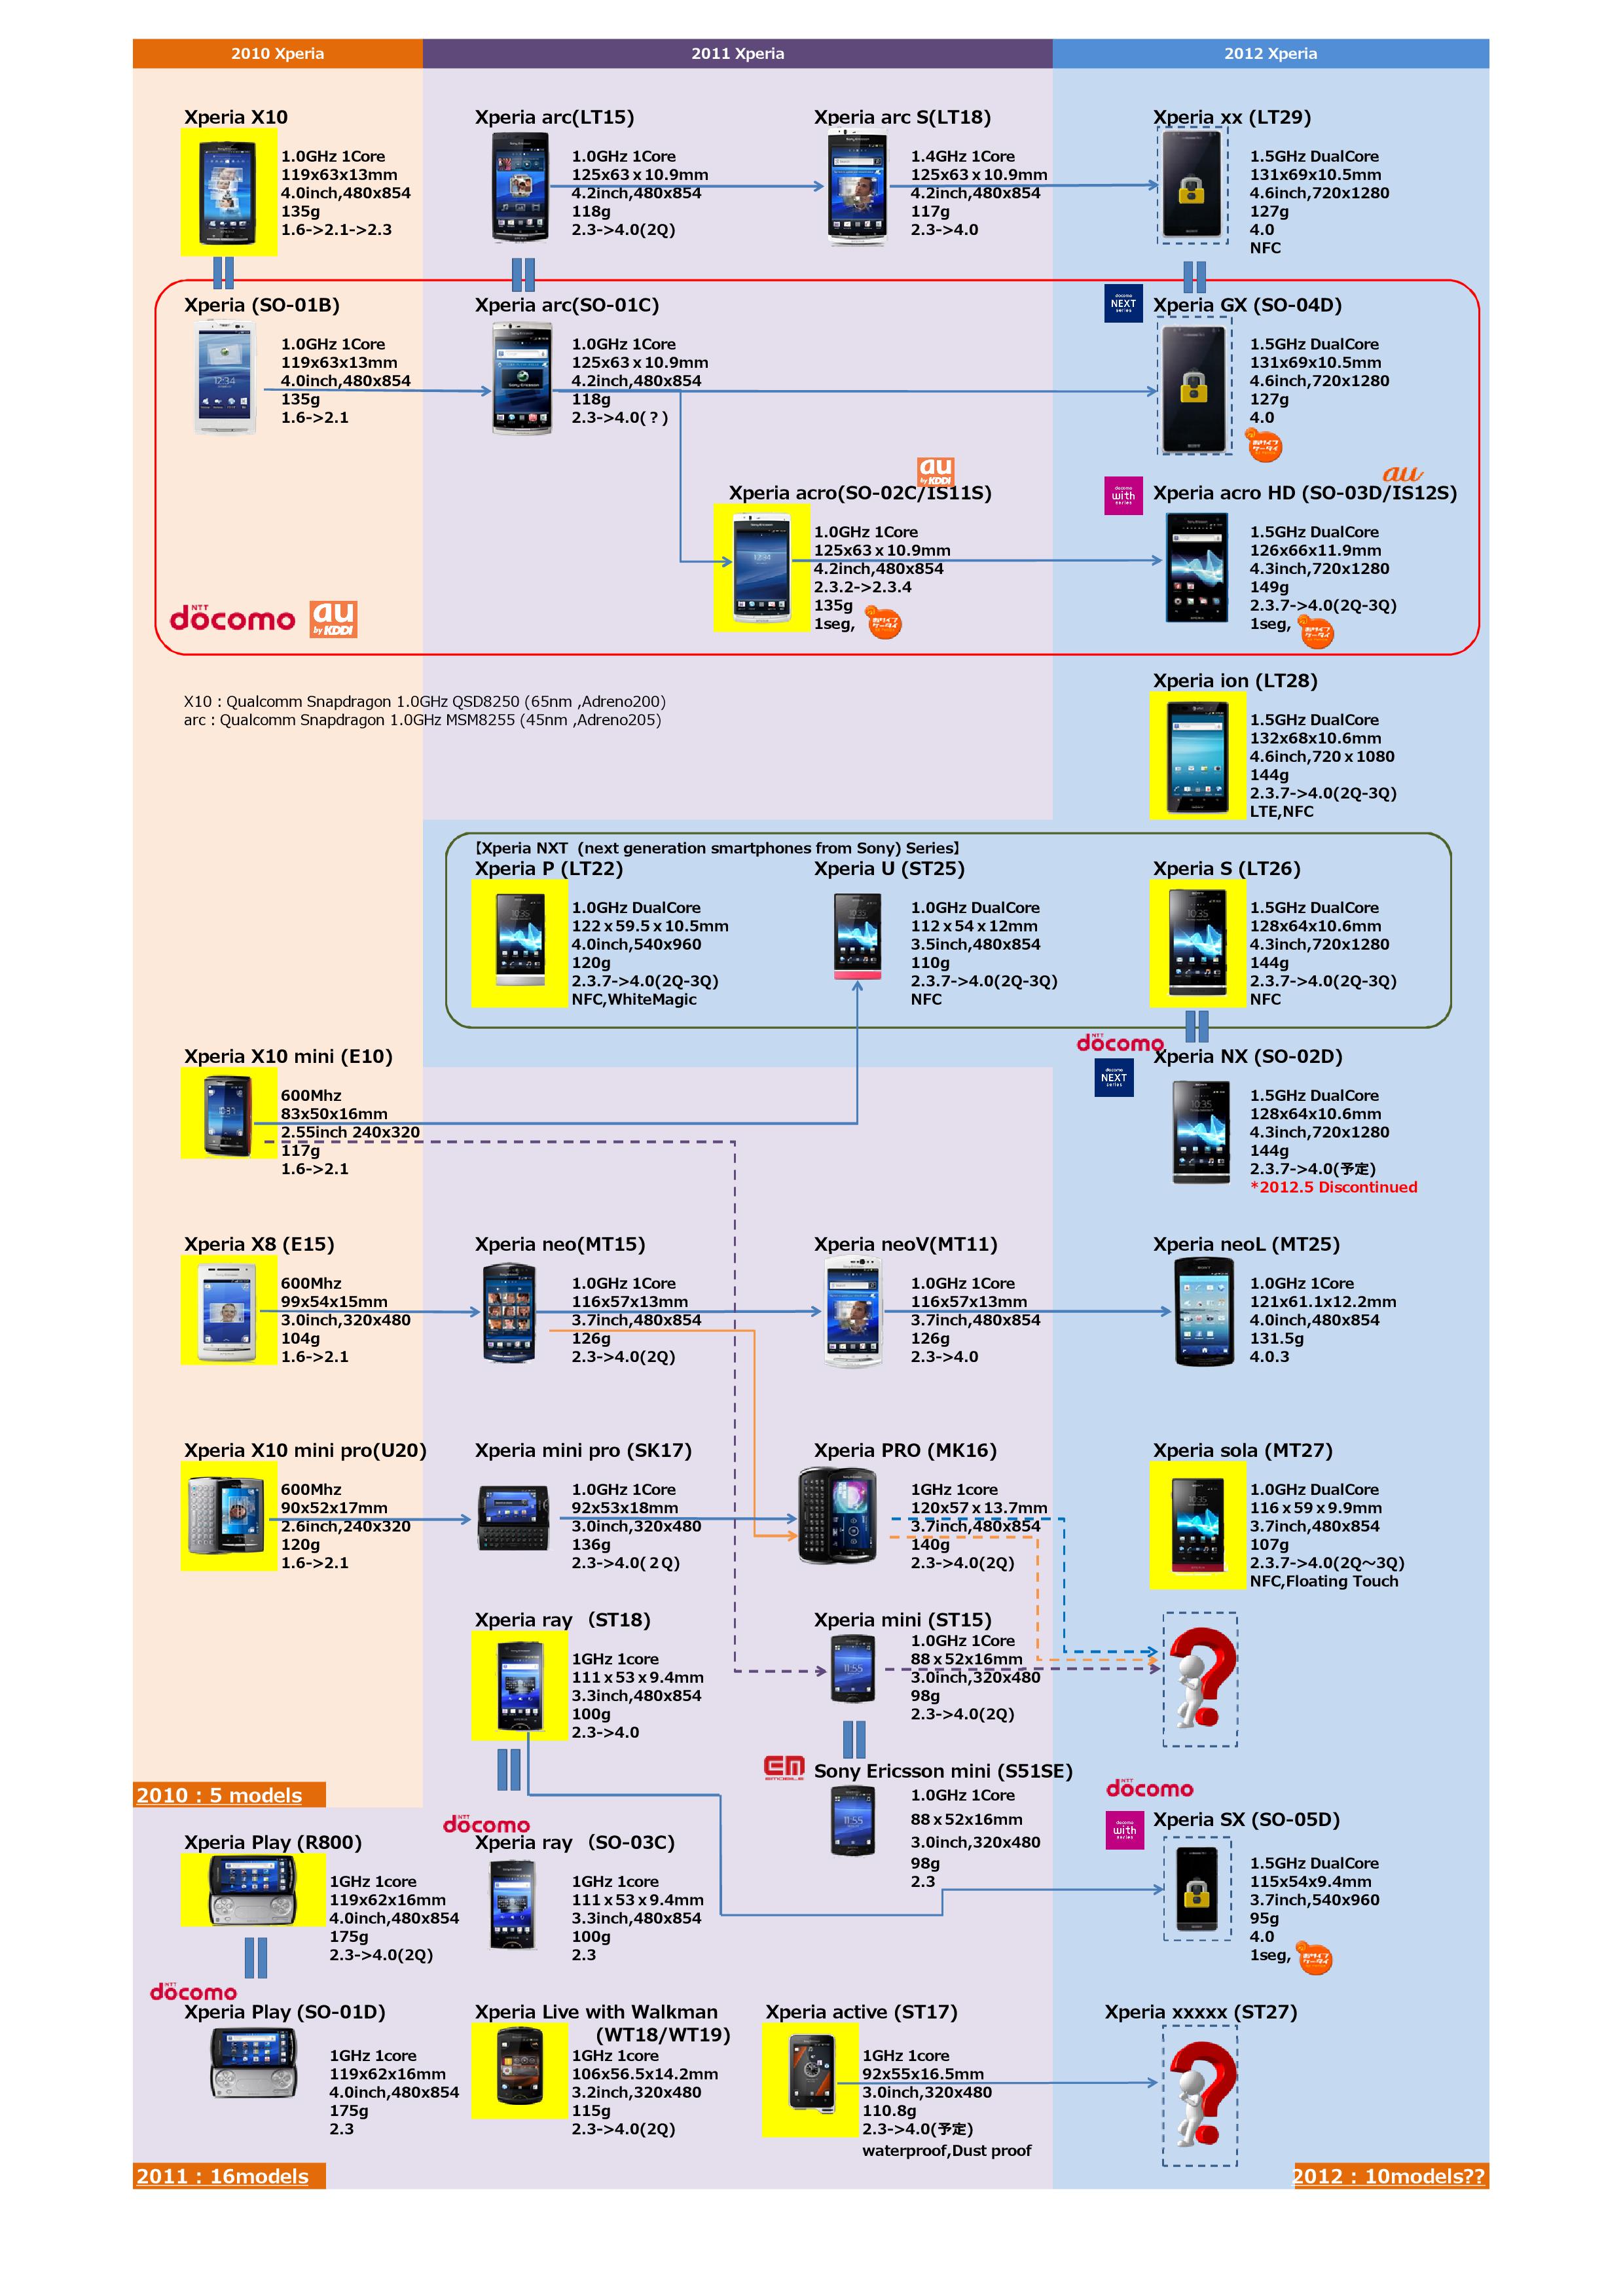 【コラム】Xperia賛歌~Xperia家系図作って分かったこと。